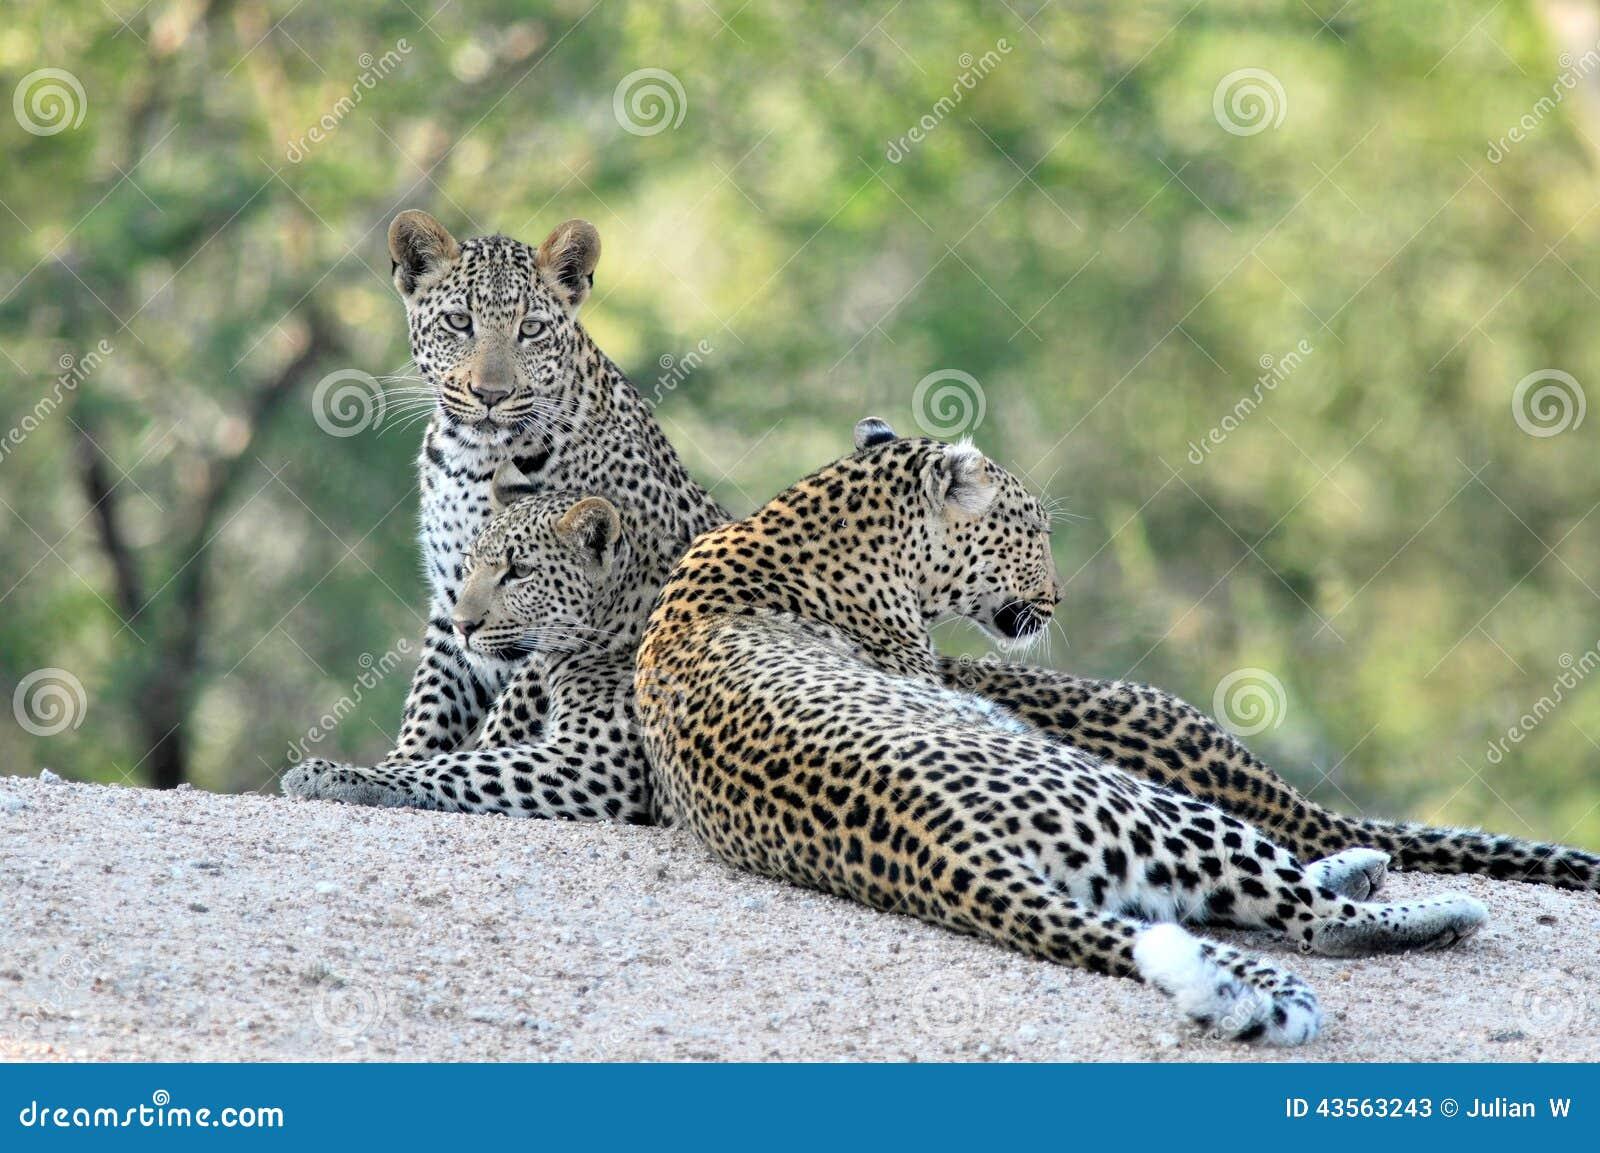 3 African Leopards together